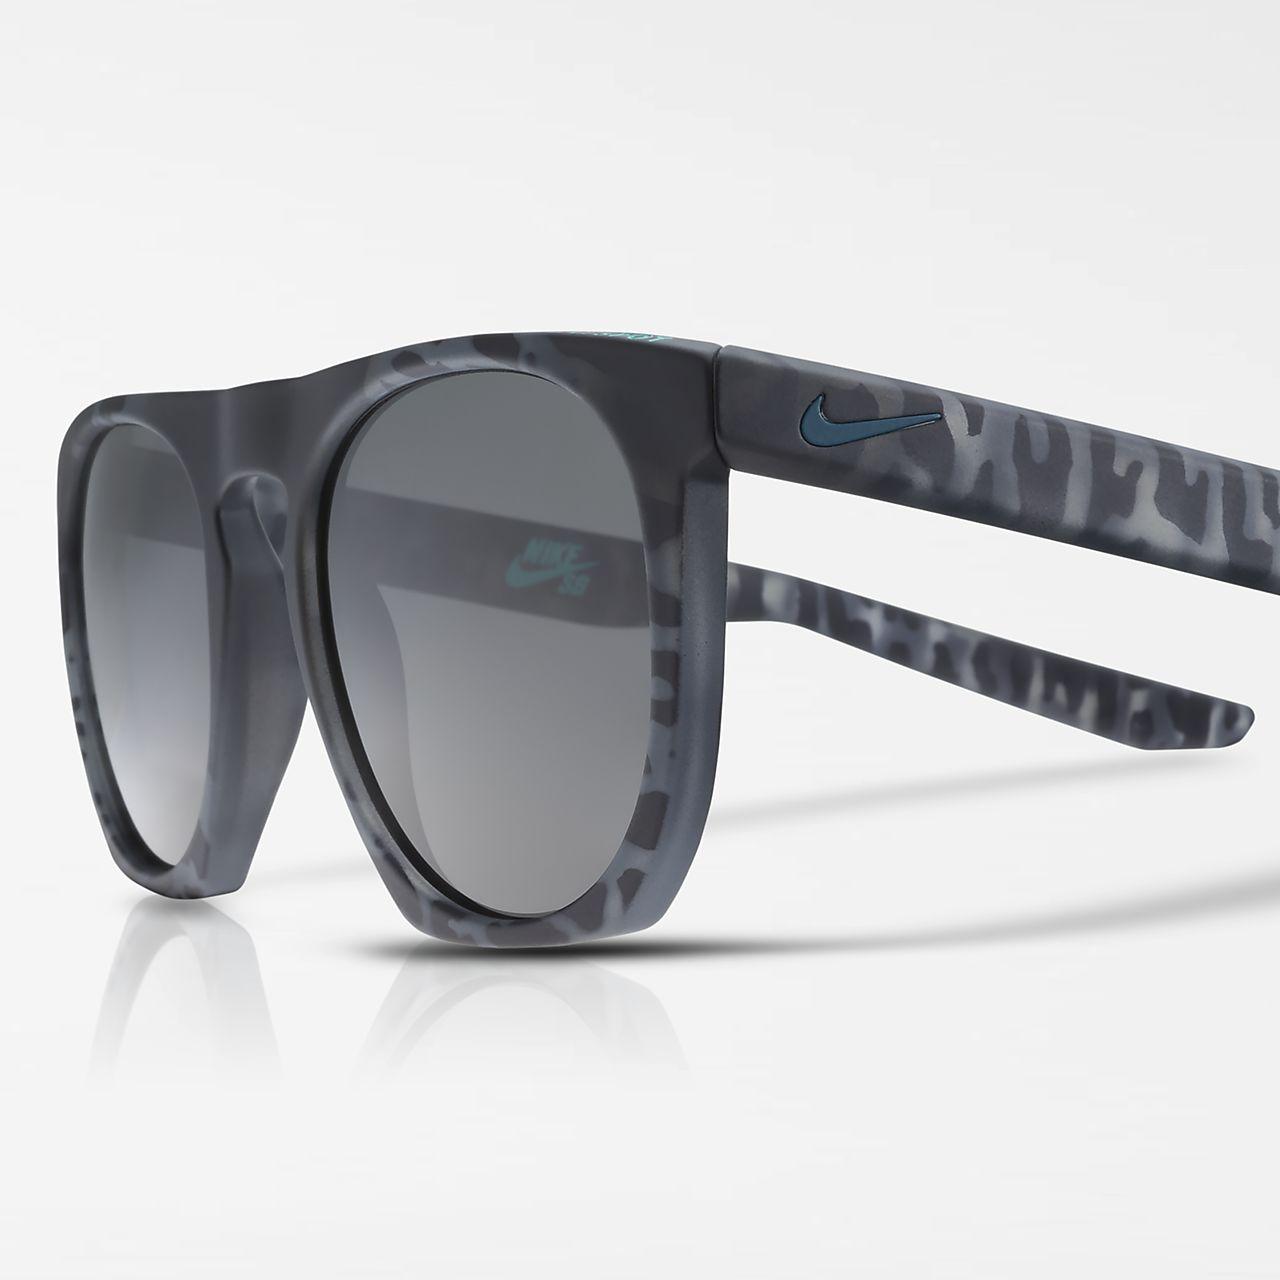 Solglasögon Nike Flatspot